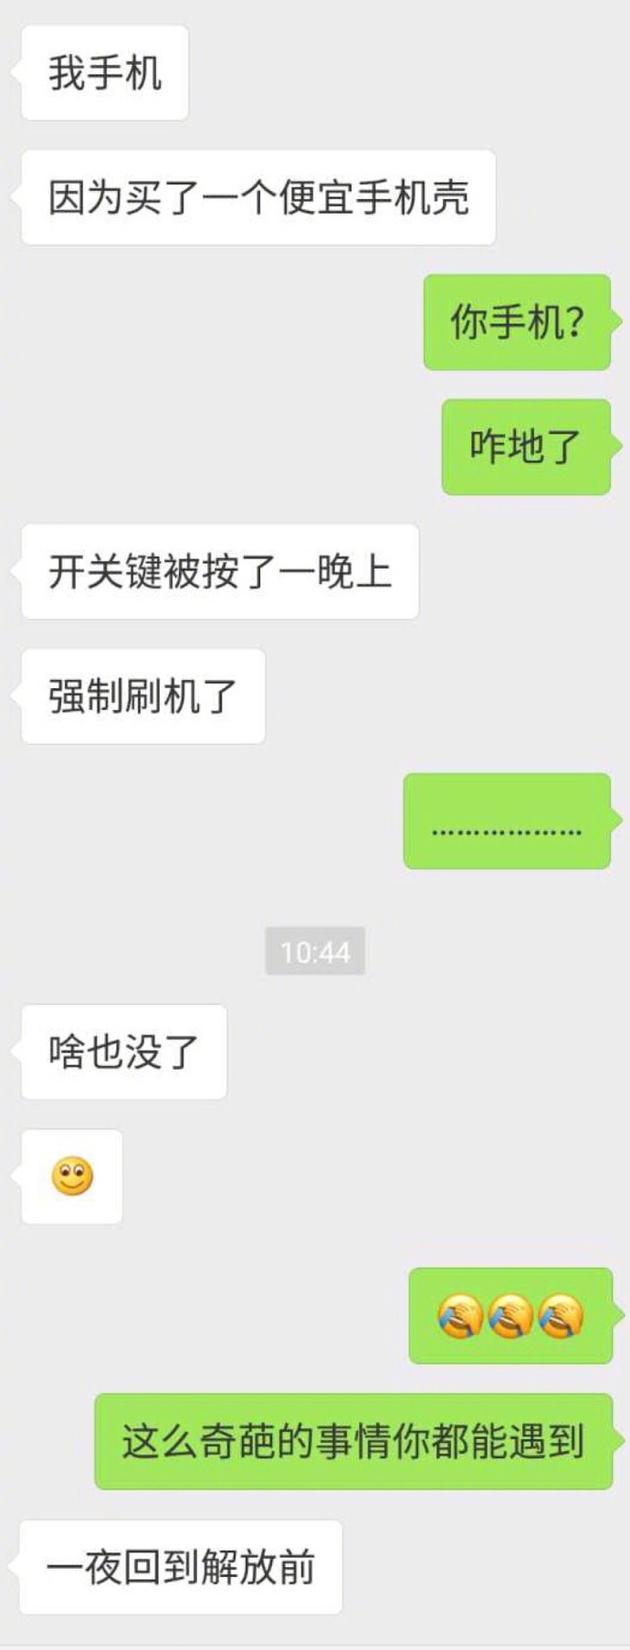 杨幂与工作人员聊天记录